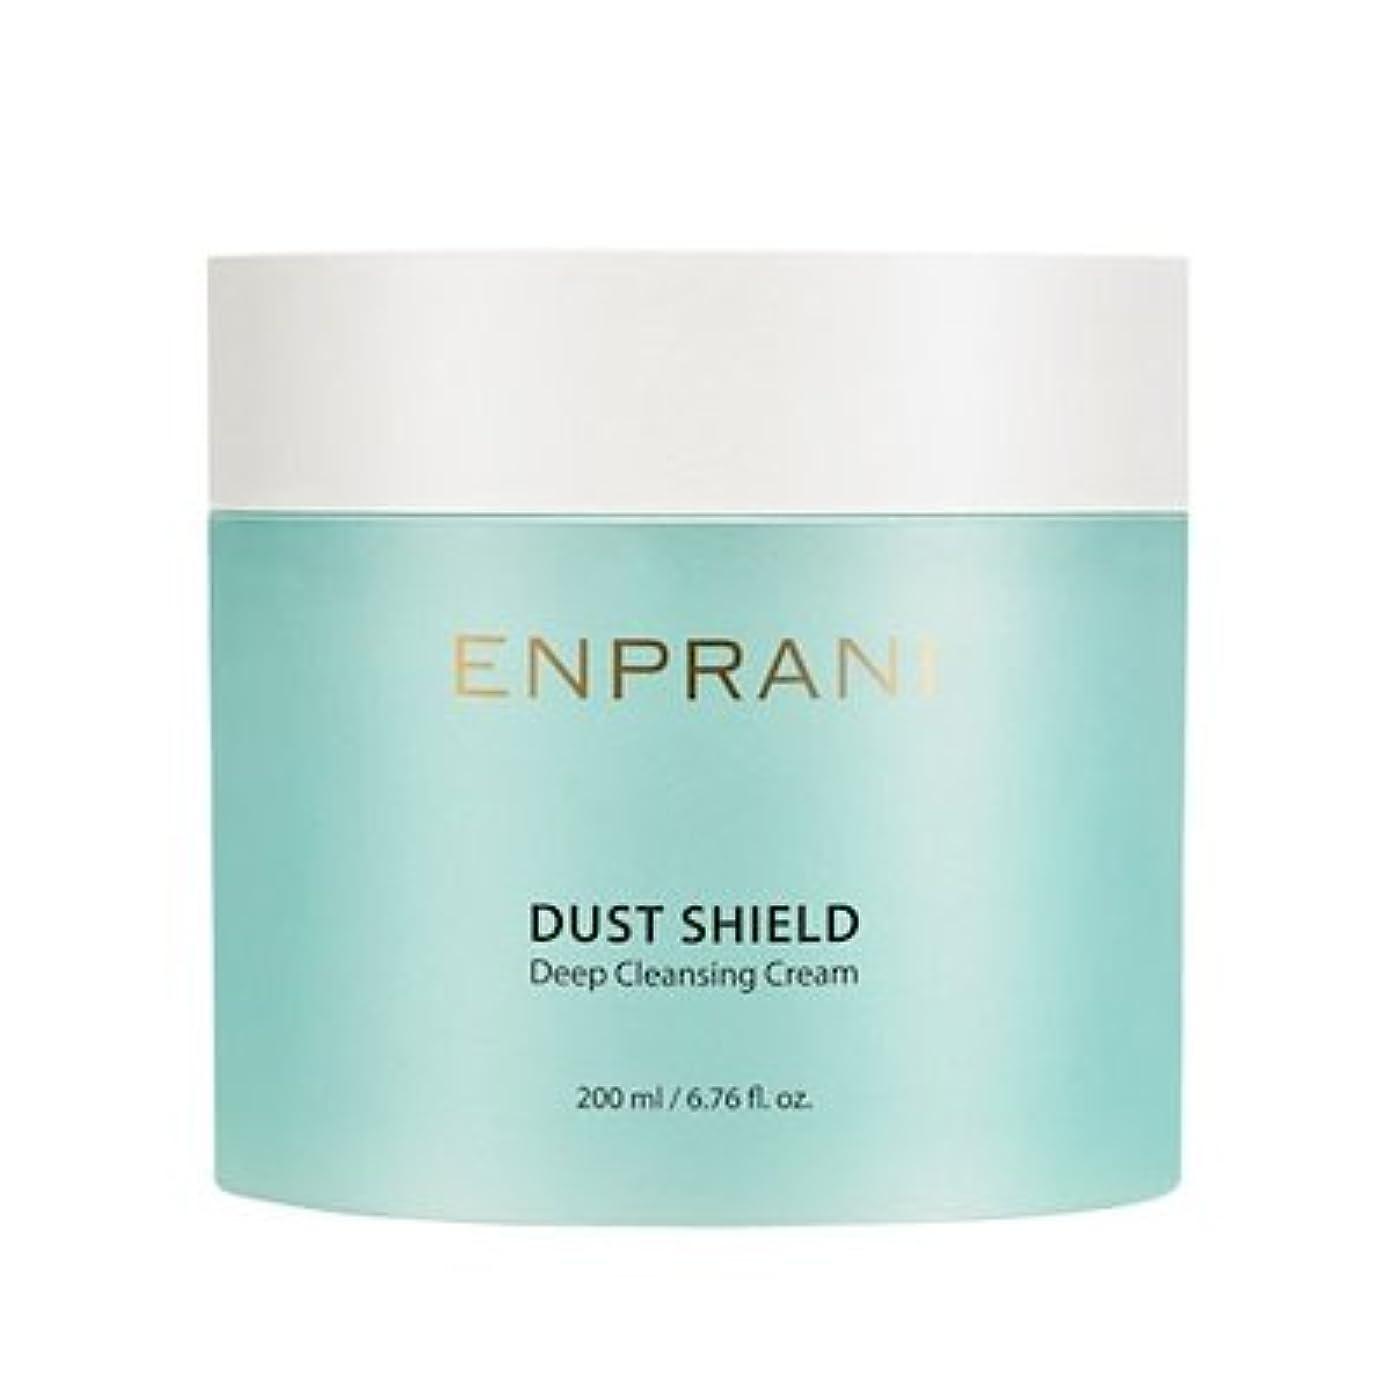 摂氏度シャックル日常的にENPRANI Dust Shield Deep Cleansing Cream エンプラニ ダストシールドディープクレンジングクリーム200ml [並行輸入品]